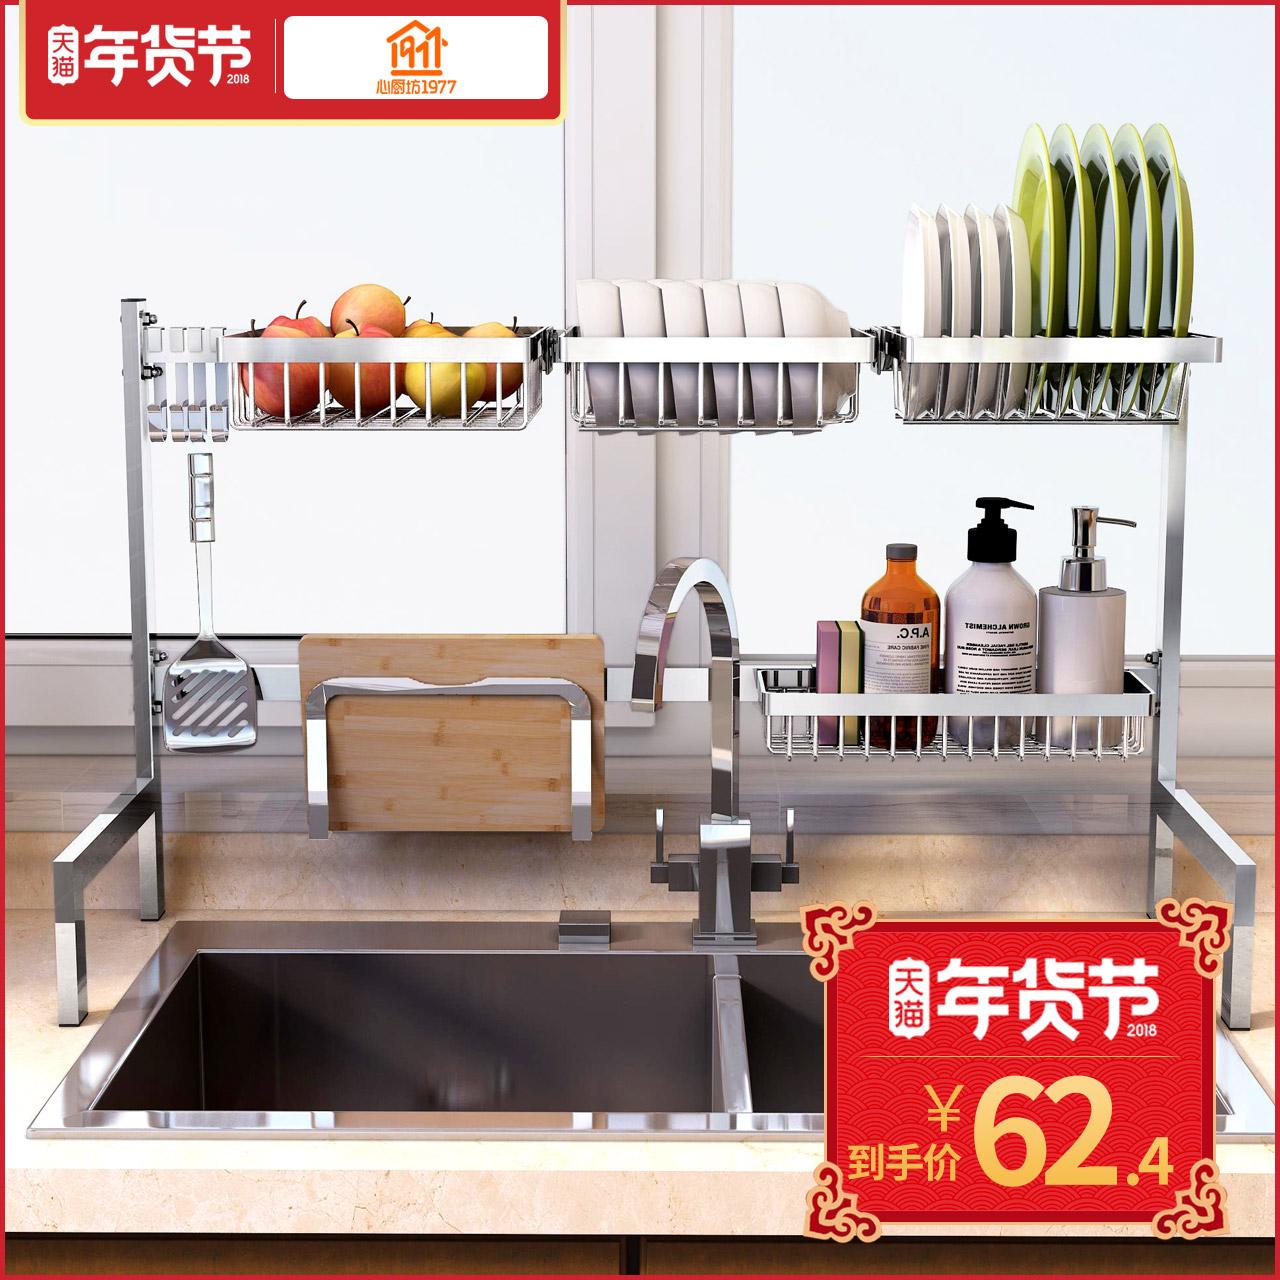 304不锈钢水槽沥水架 厨房置物架 碗碟架厨房收纳架碗筷厨房用品